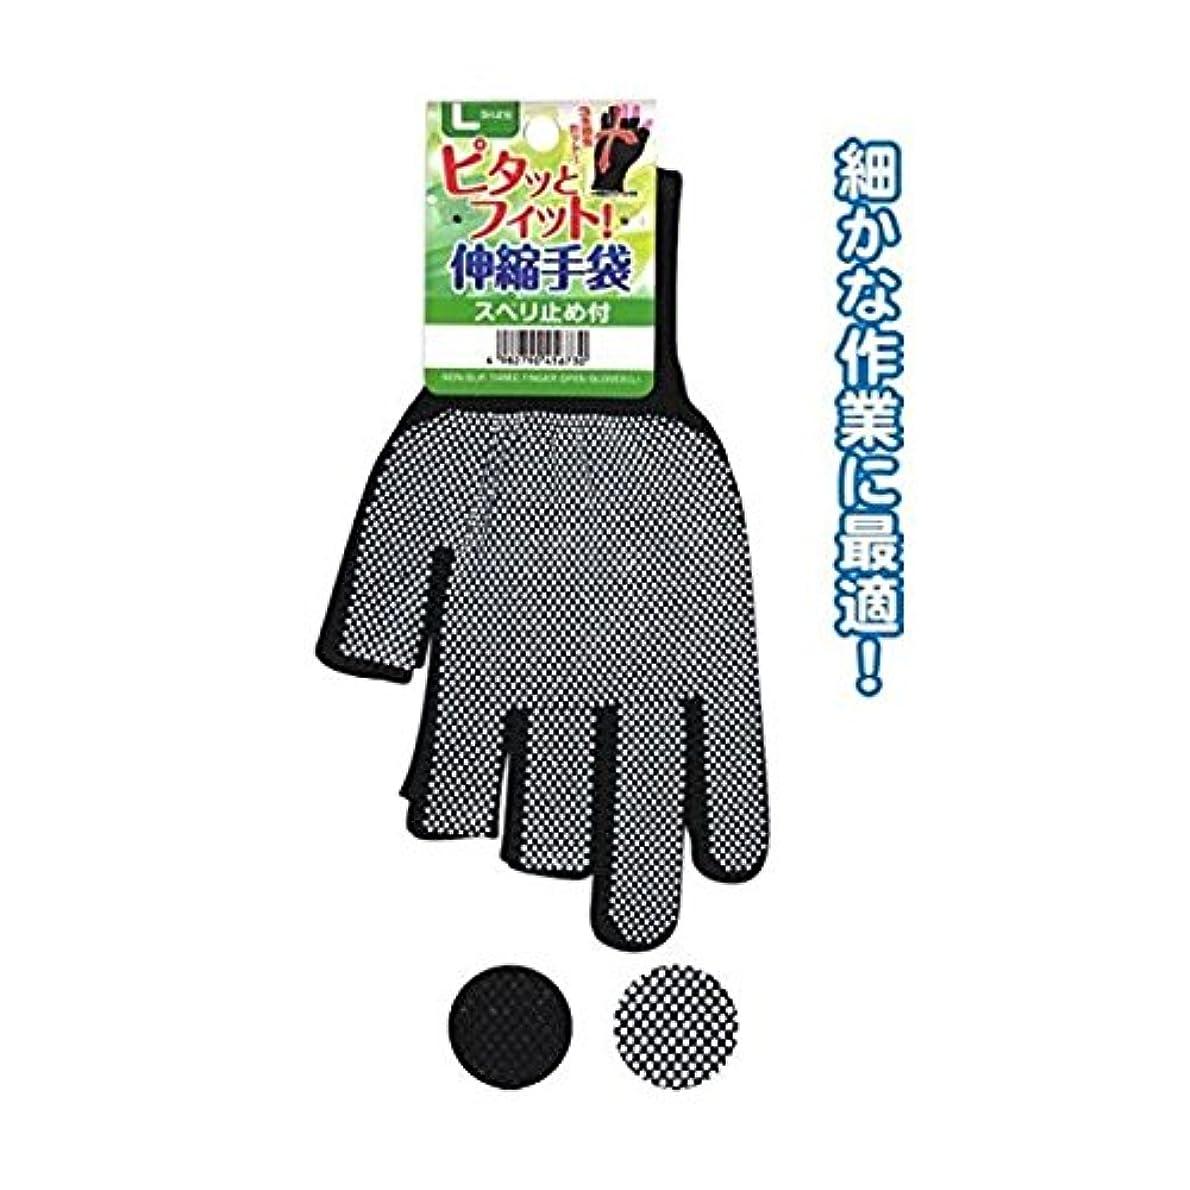 ベスビオ山ランドリー唯物論ピタッとフィット!3本指先カット伸縮手袋スベリ止め付L 【12個セット】 45-673 ds-1724330